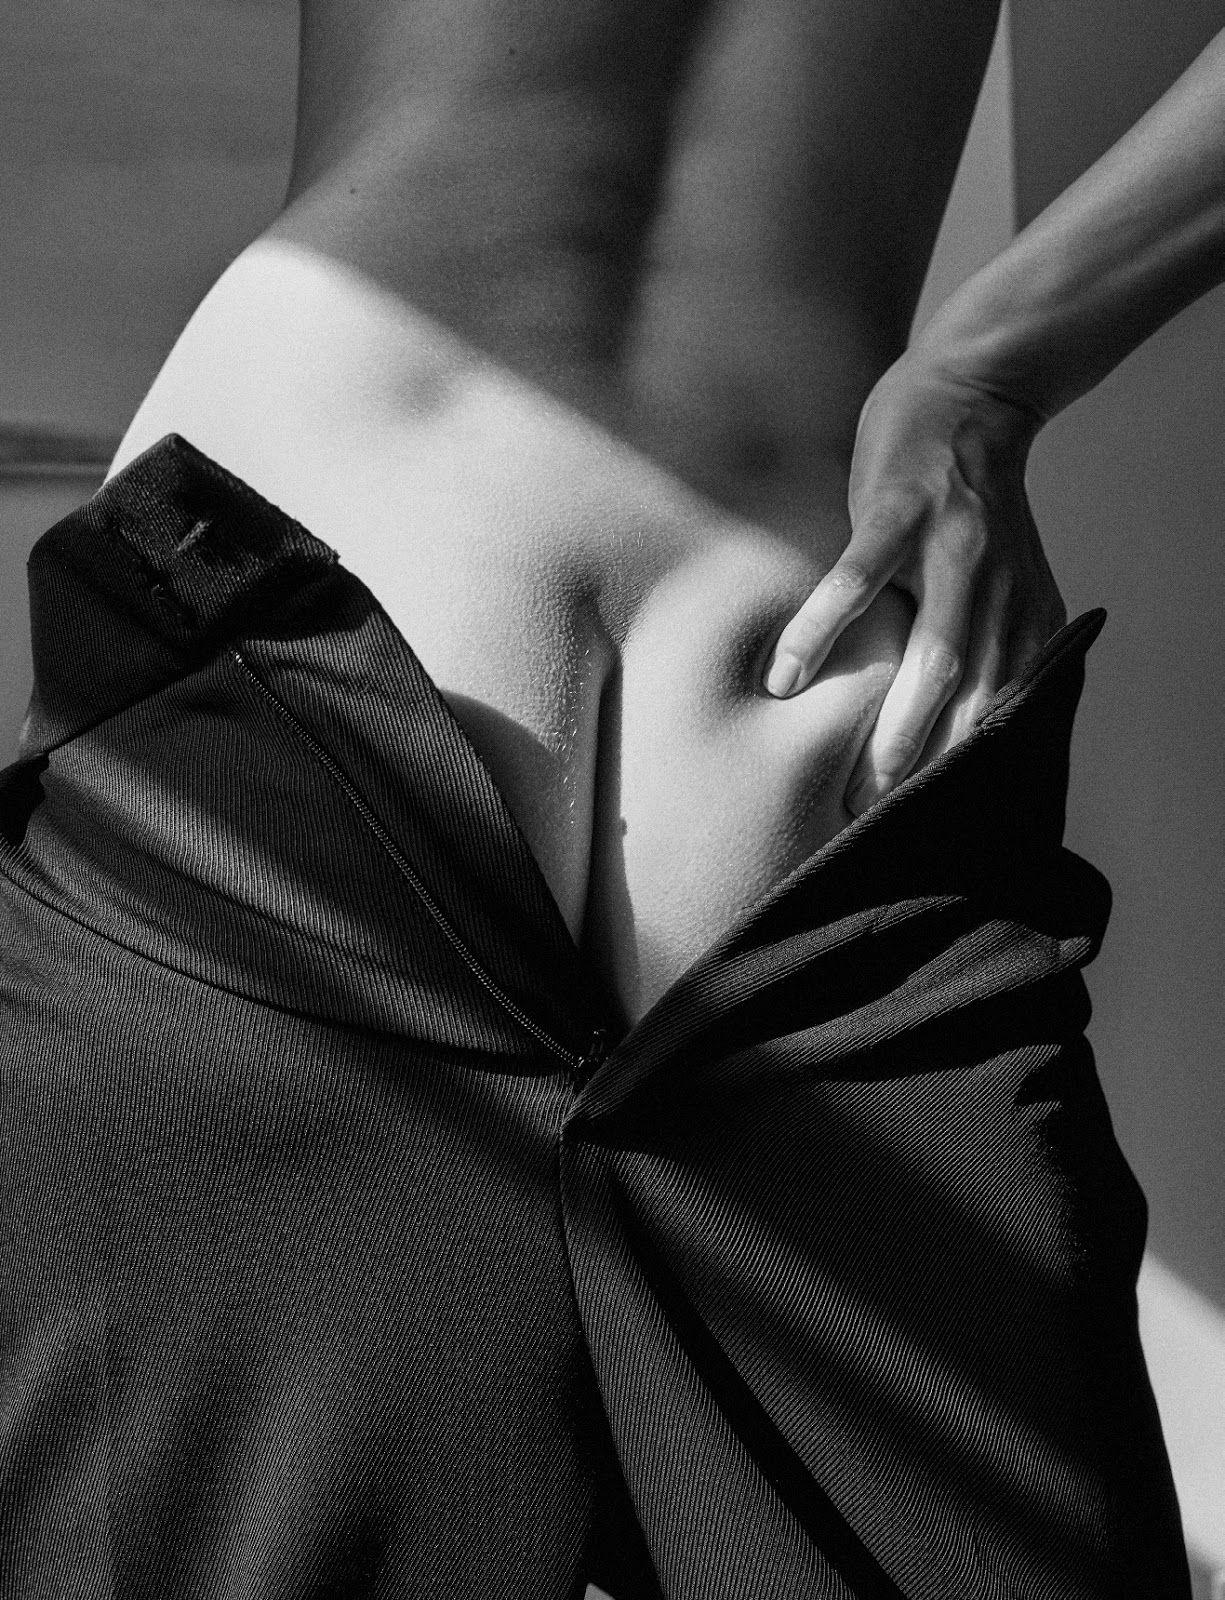 hana-jirickova-nude-sexy-11